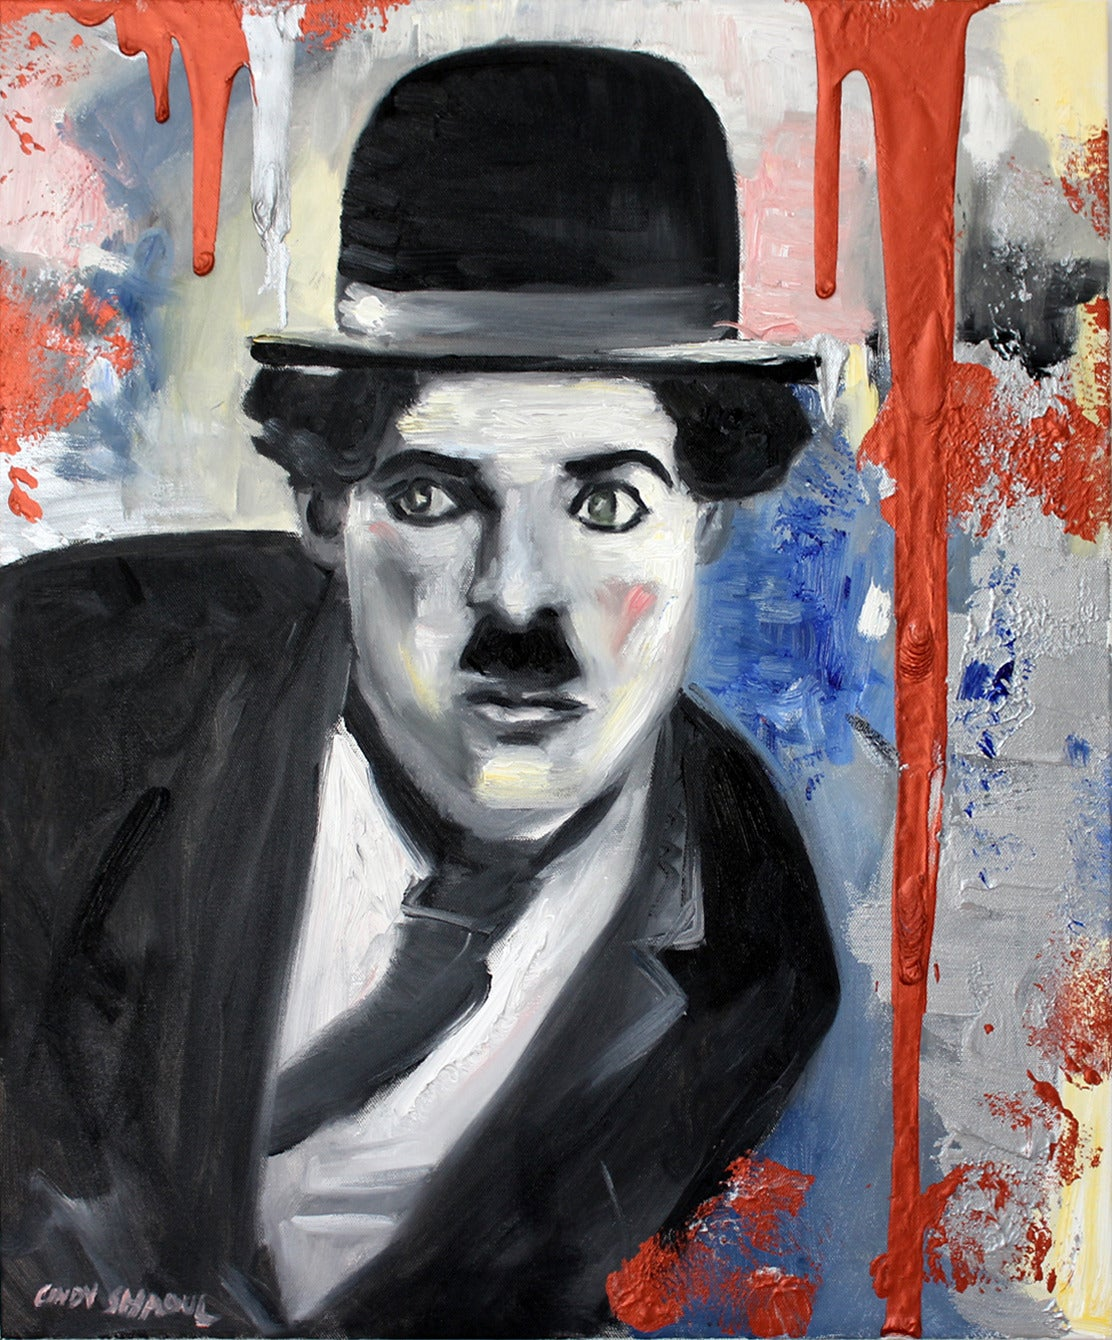 Hi Chaplin